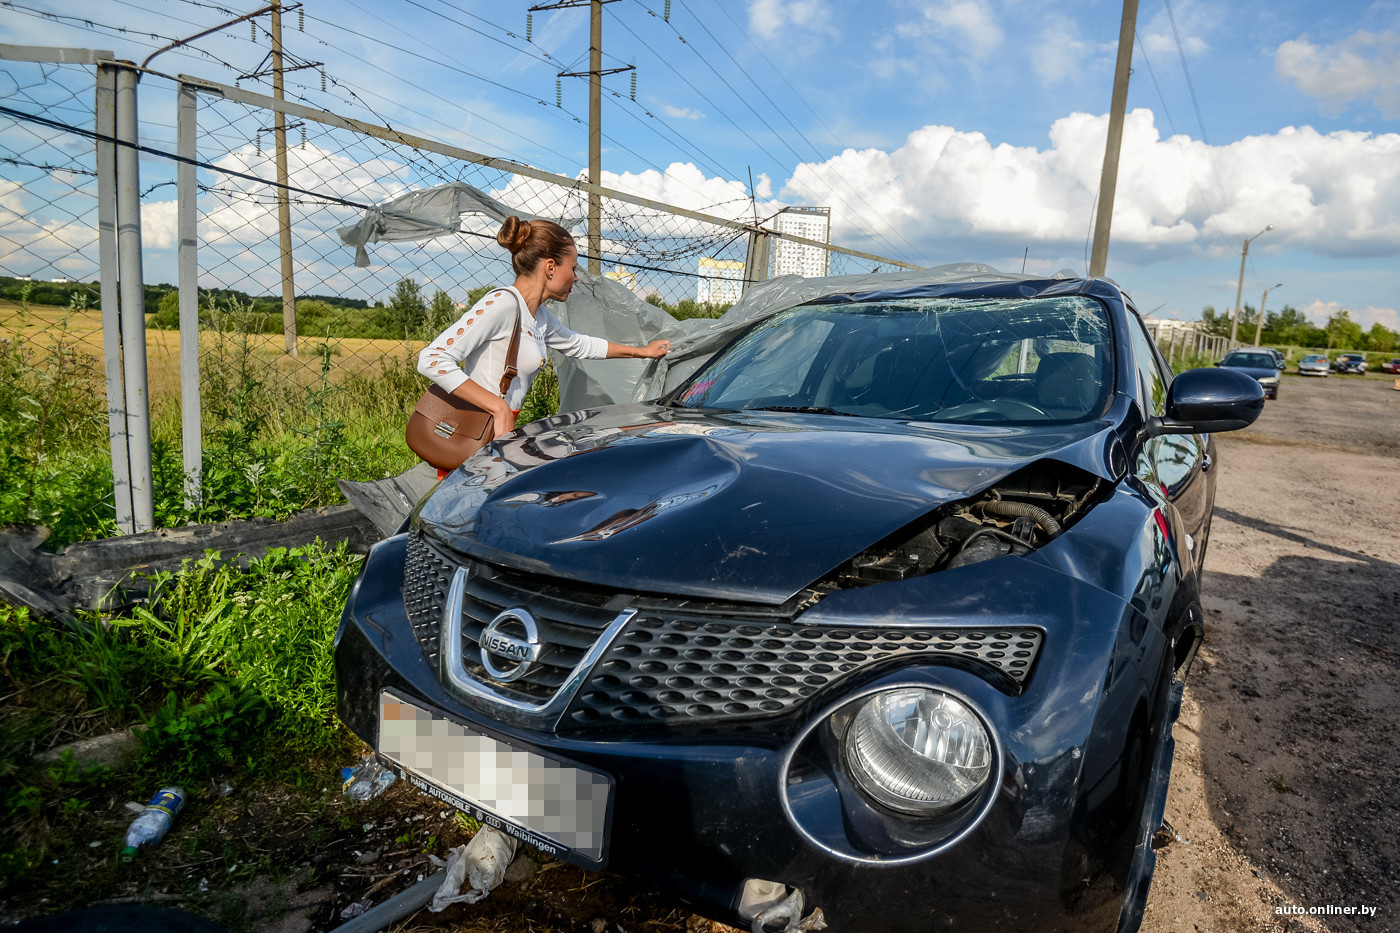 Сночала она помыла его машину а потом потрахалась с ним